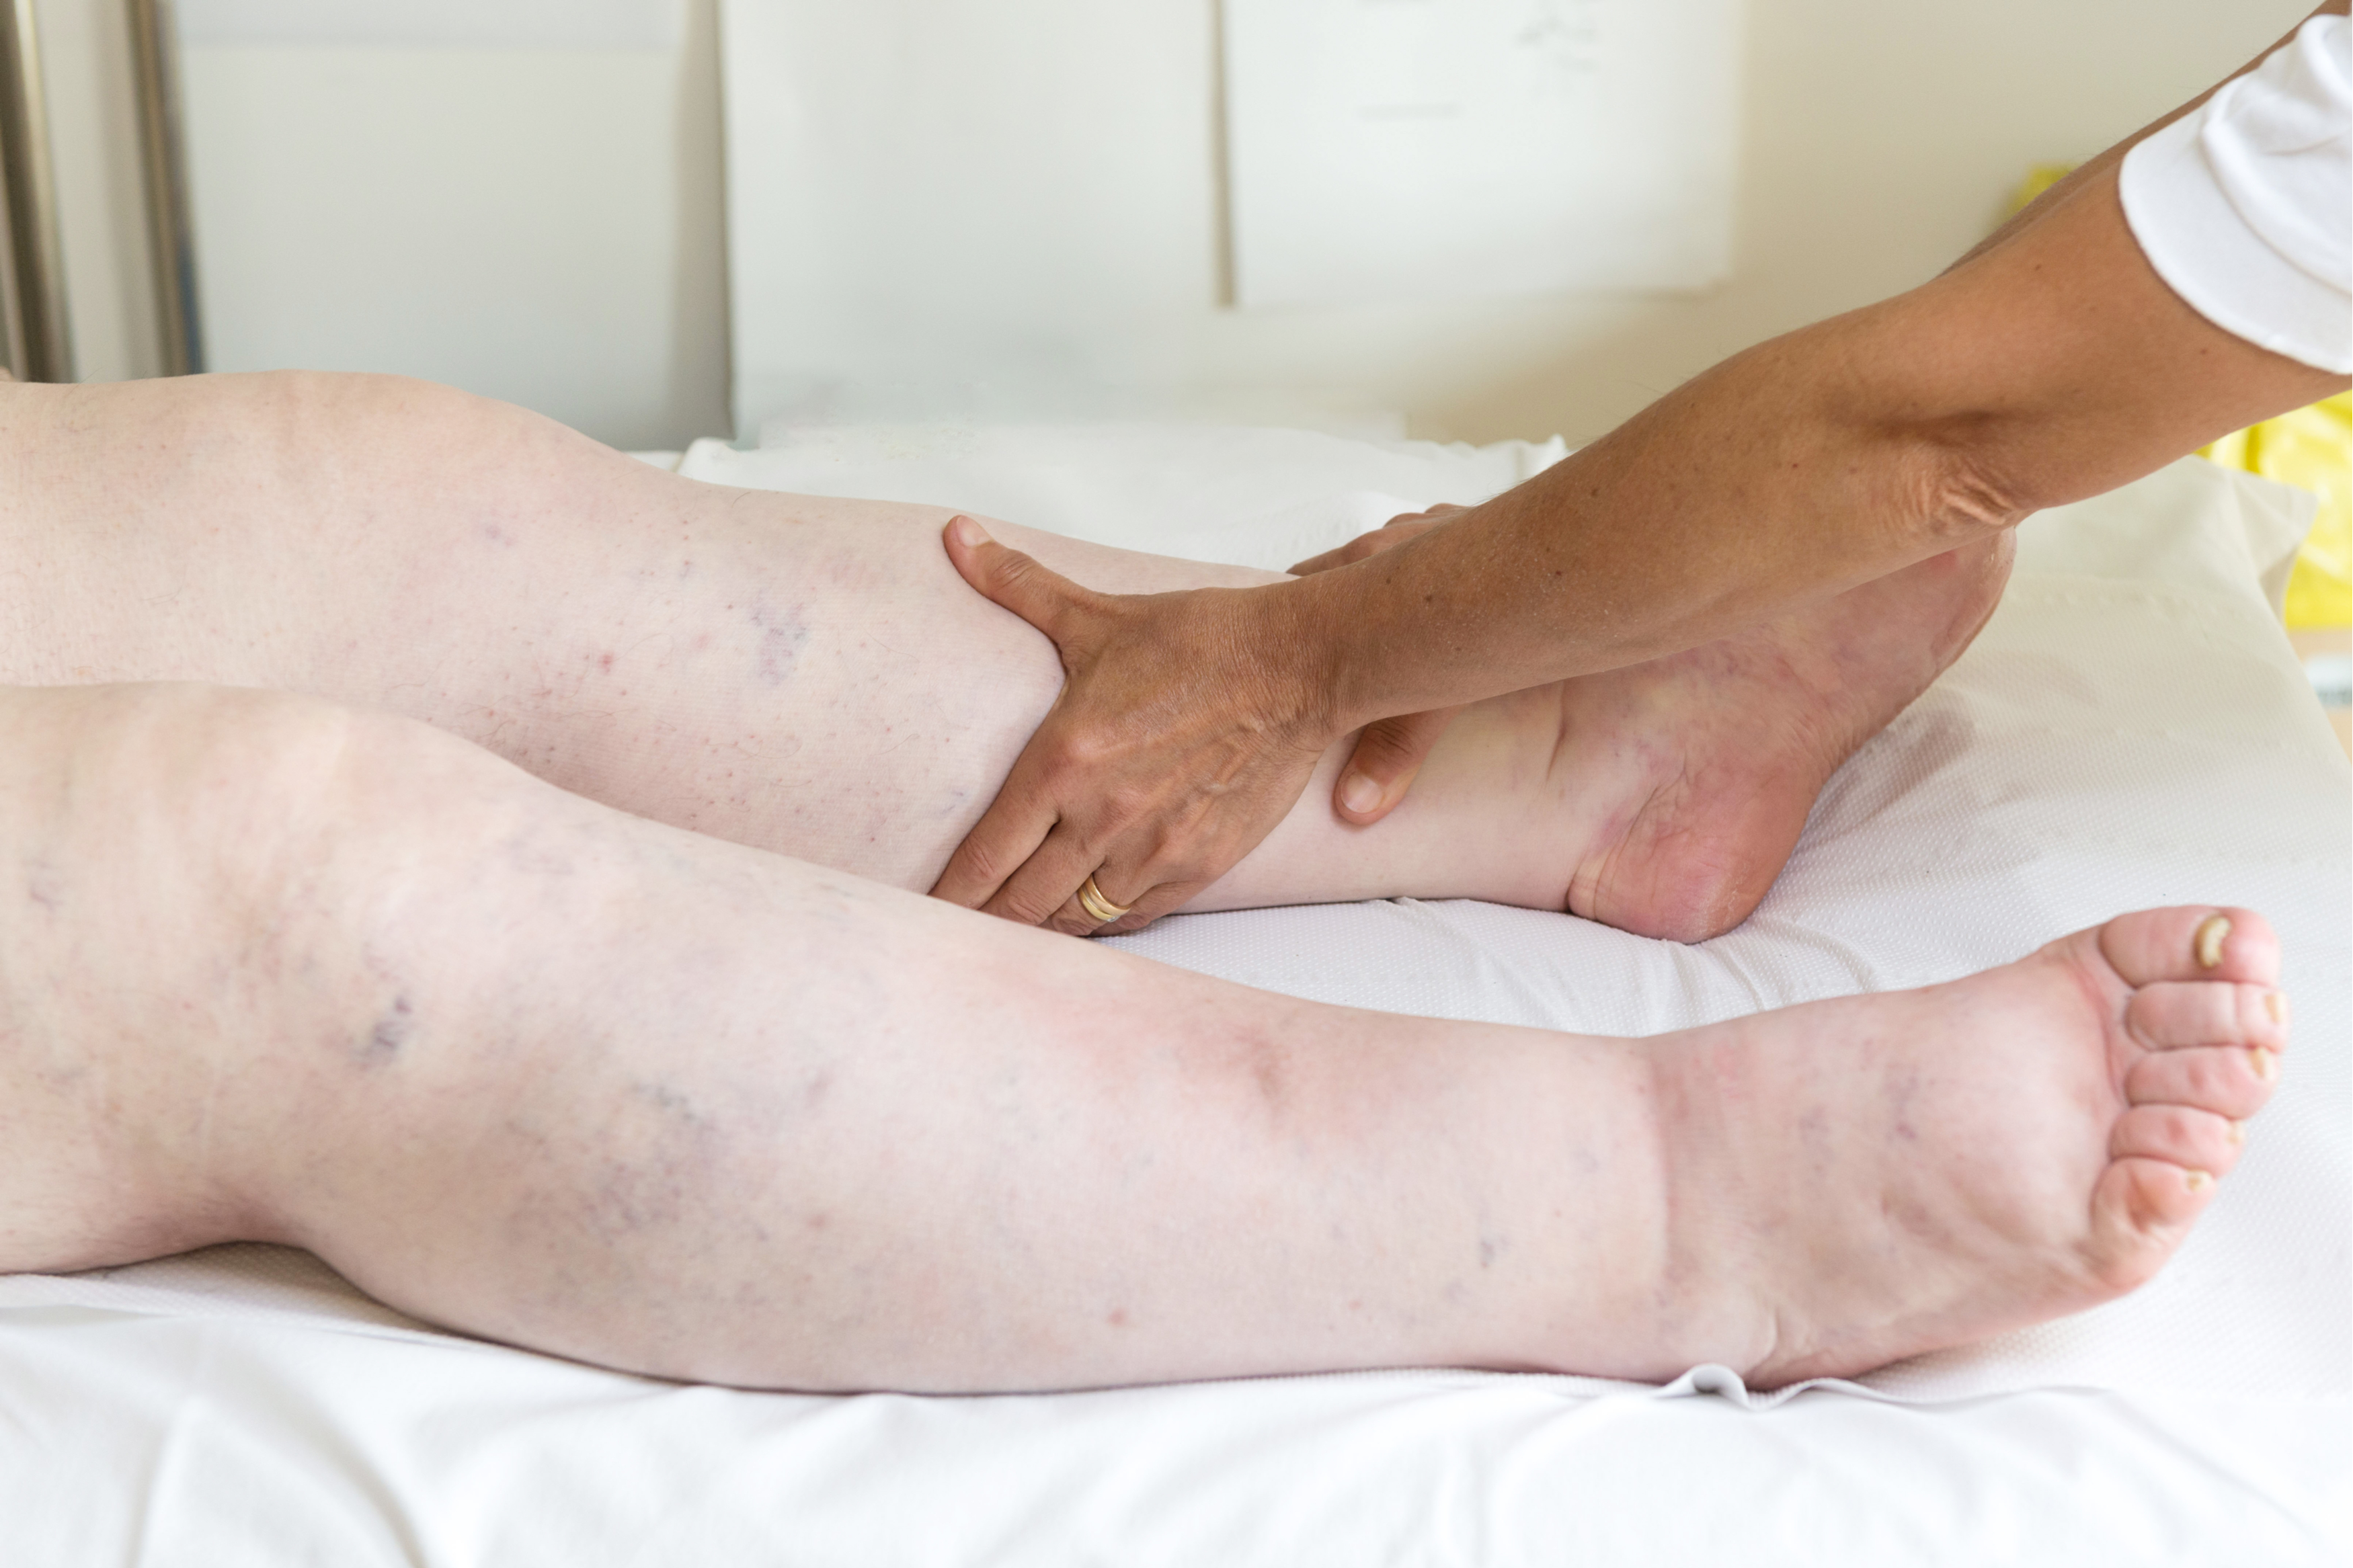 de ce rănesc picioarele și gleznele ce unguent trebuie utilizat pentru artroza articulației cotului